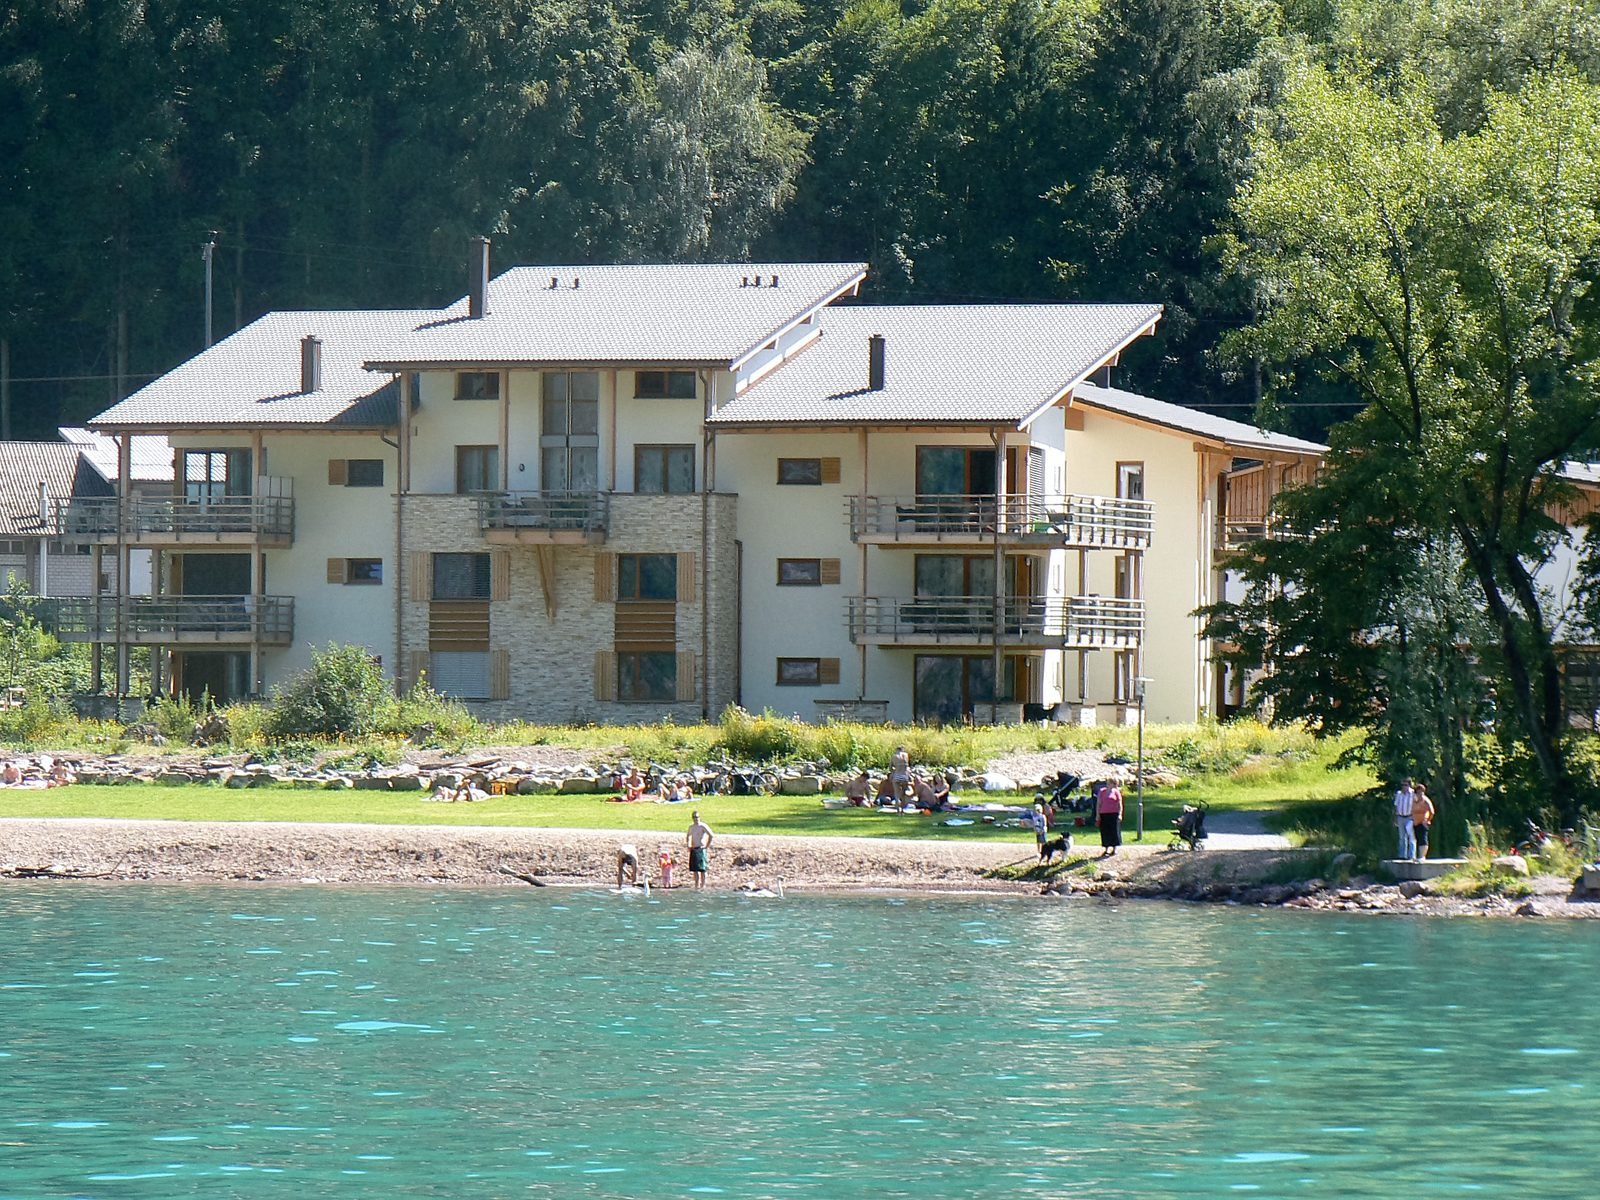 Sonne, Strand und Wassersport während des Sommerurlaubs, unmittelbar von den Ferienhäusern von Walensee Apartments in Resort Walensee Heidiland Flumsberg Schweiz aus